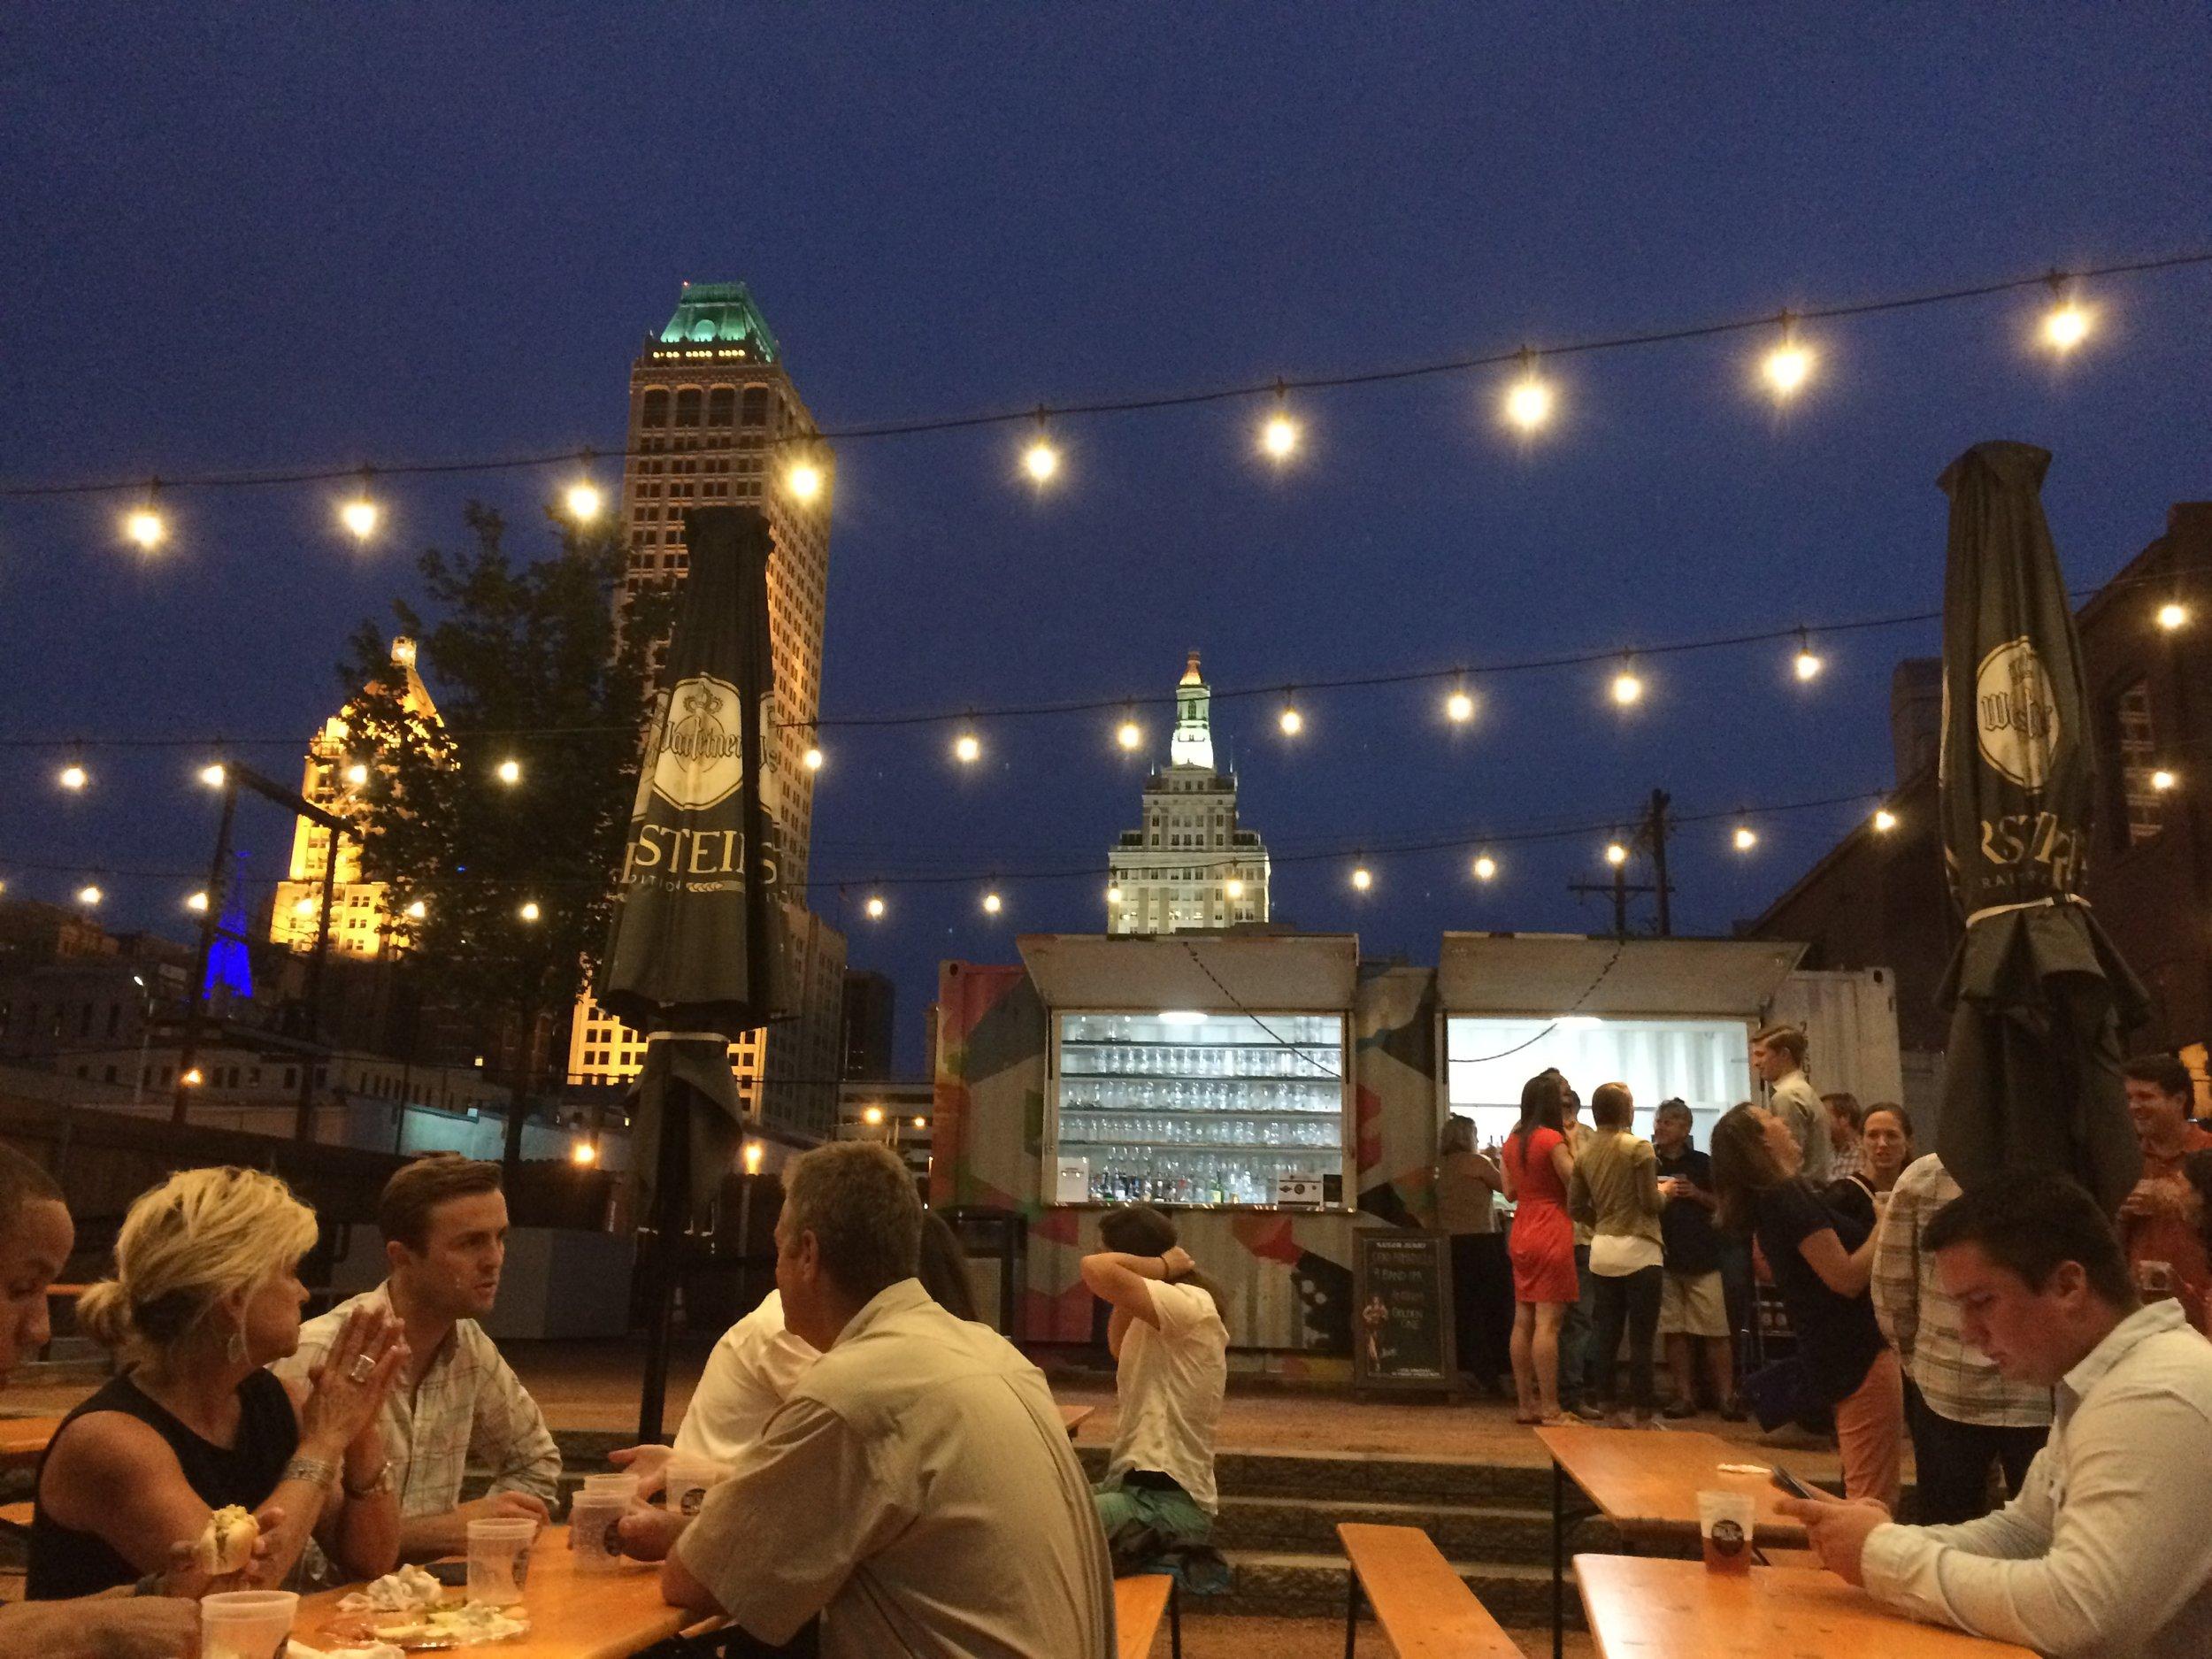 String lights working magic in Tulsa, OK. (Photo by Sarah Kobos)